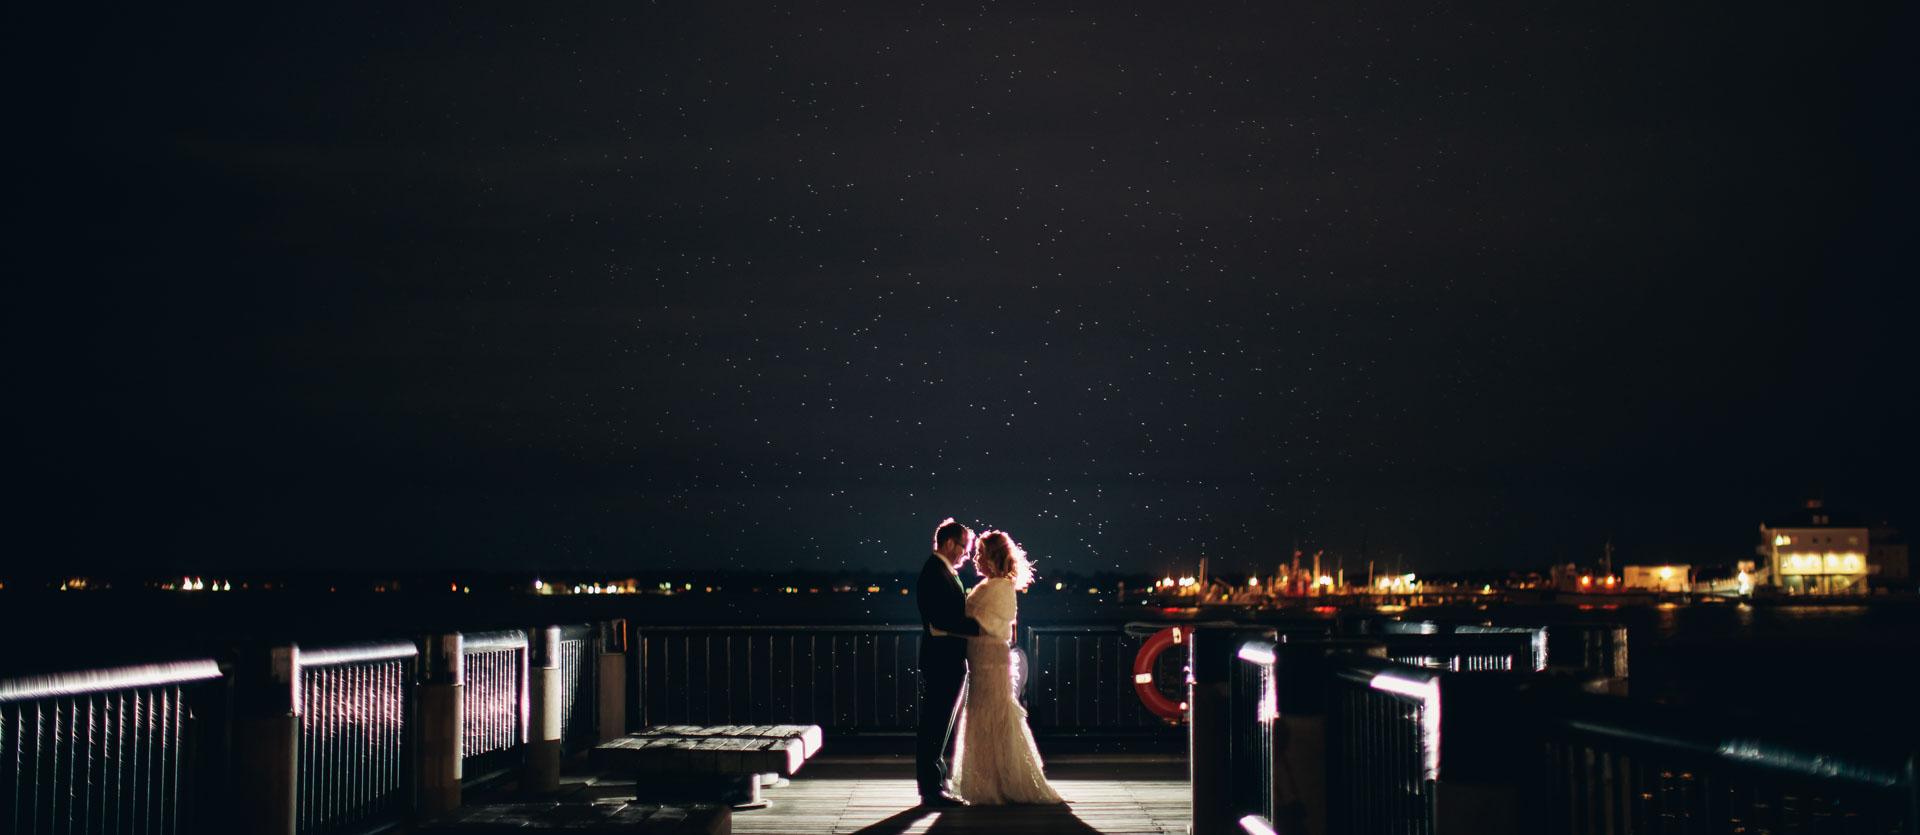 Night Newlyweds